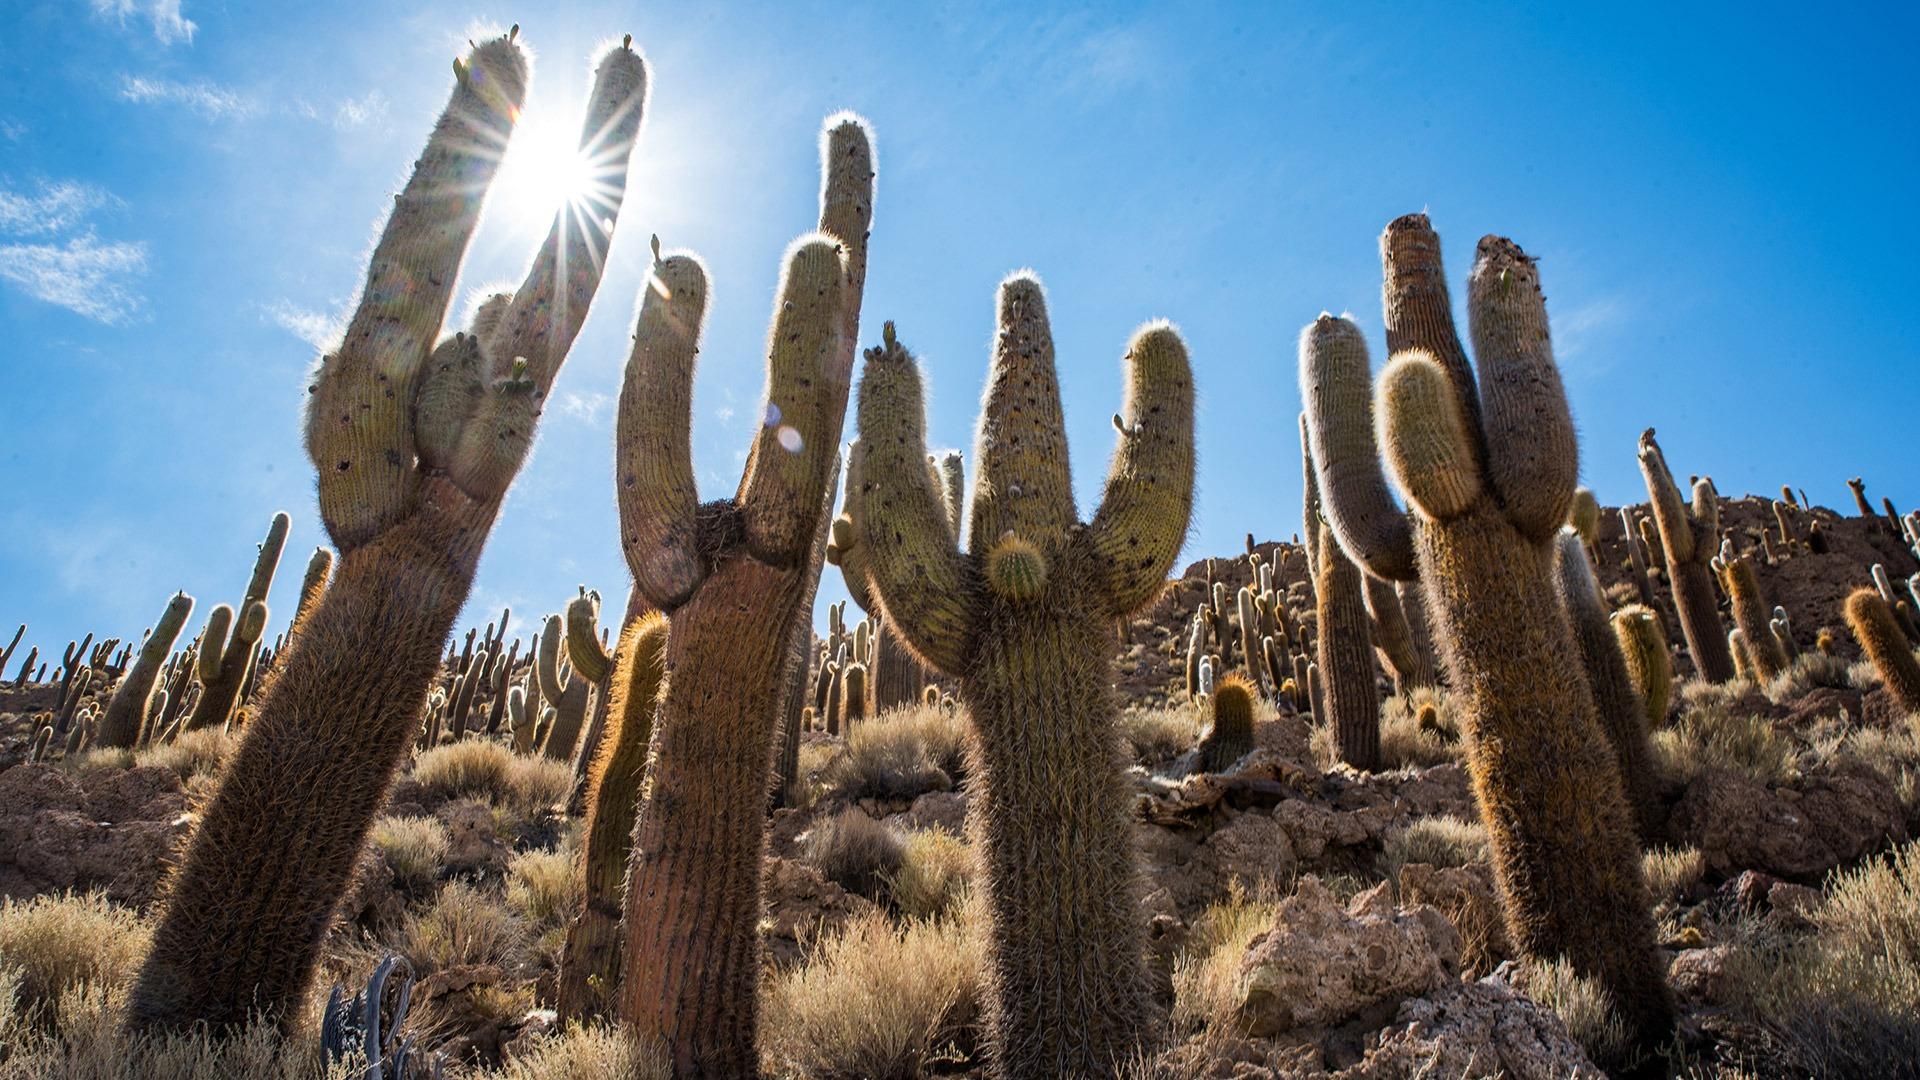 Towering cacti on Incawasi Island on Salar de Uyuni, Bolivia